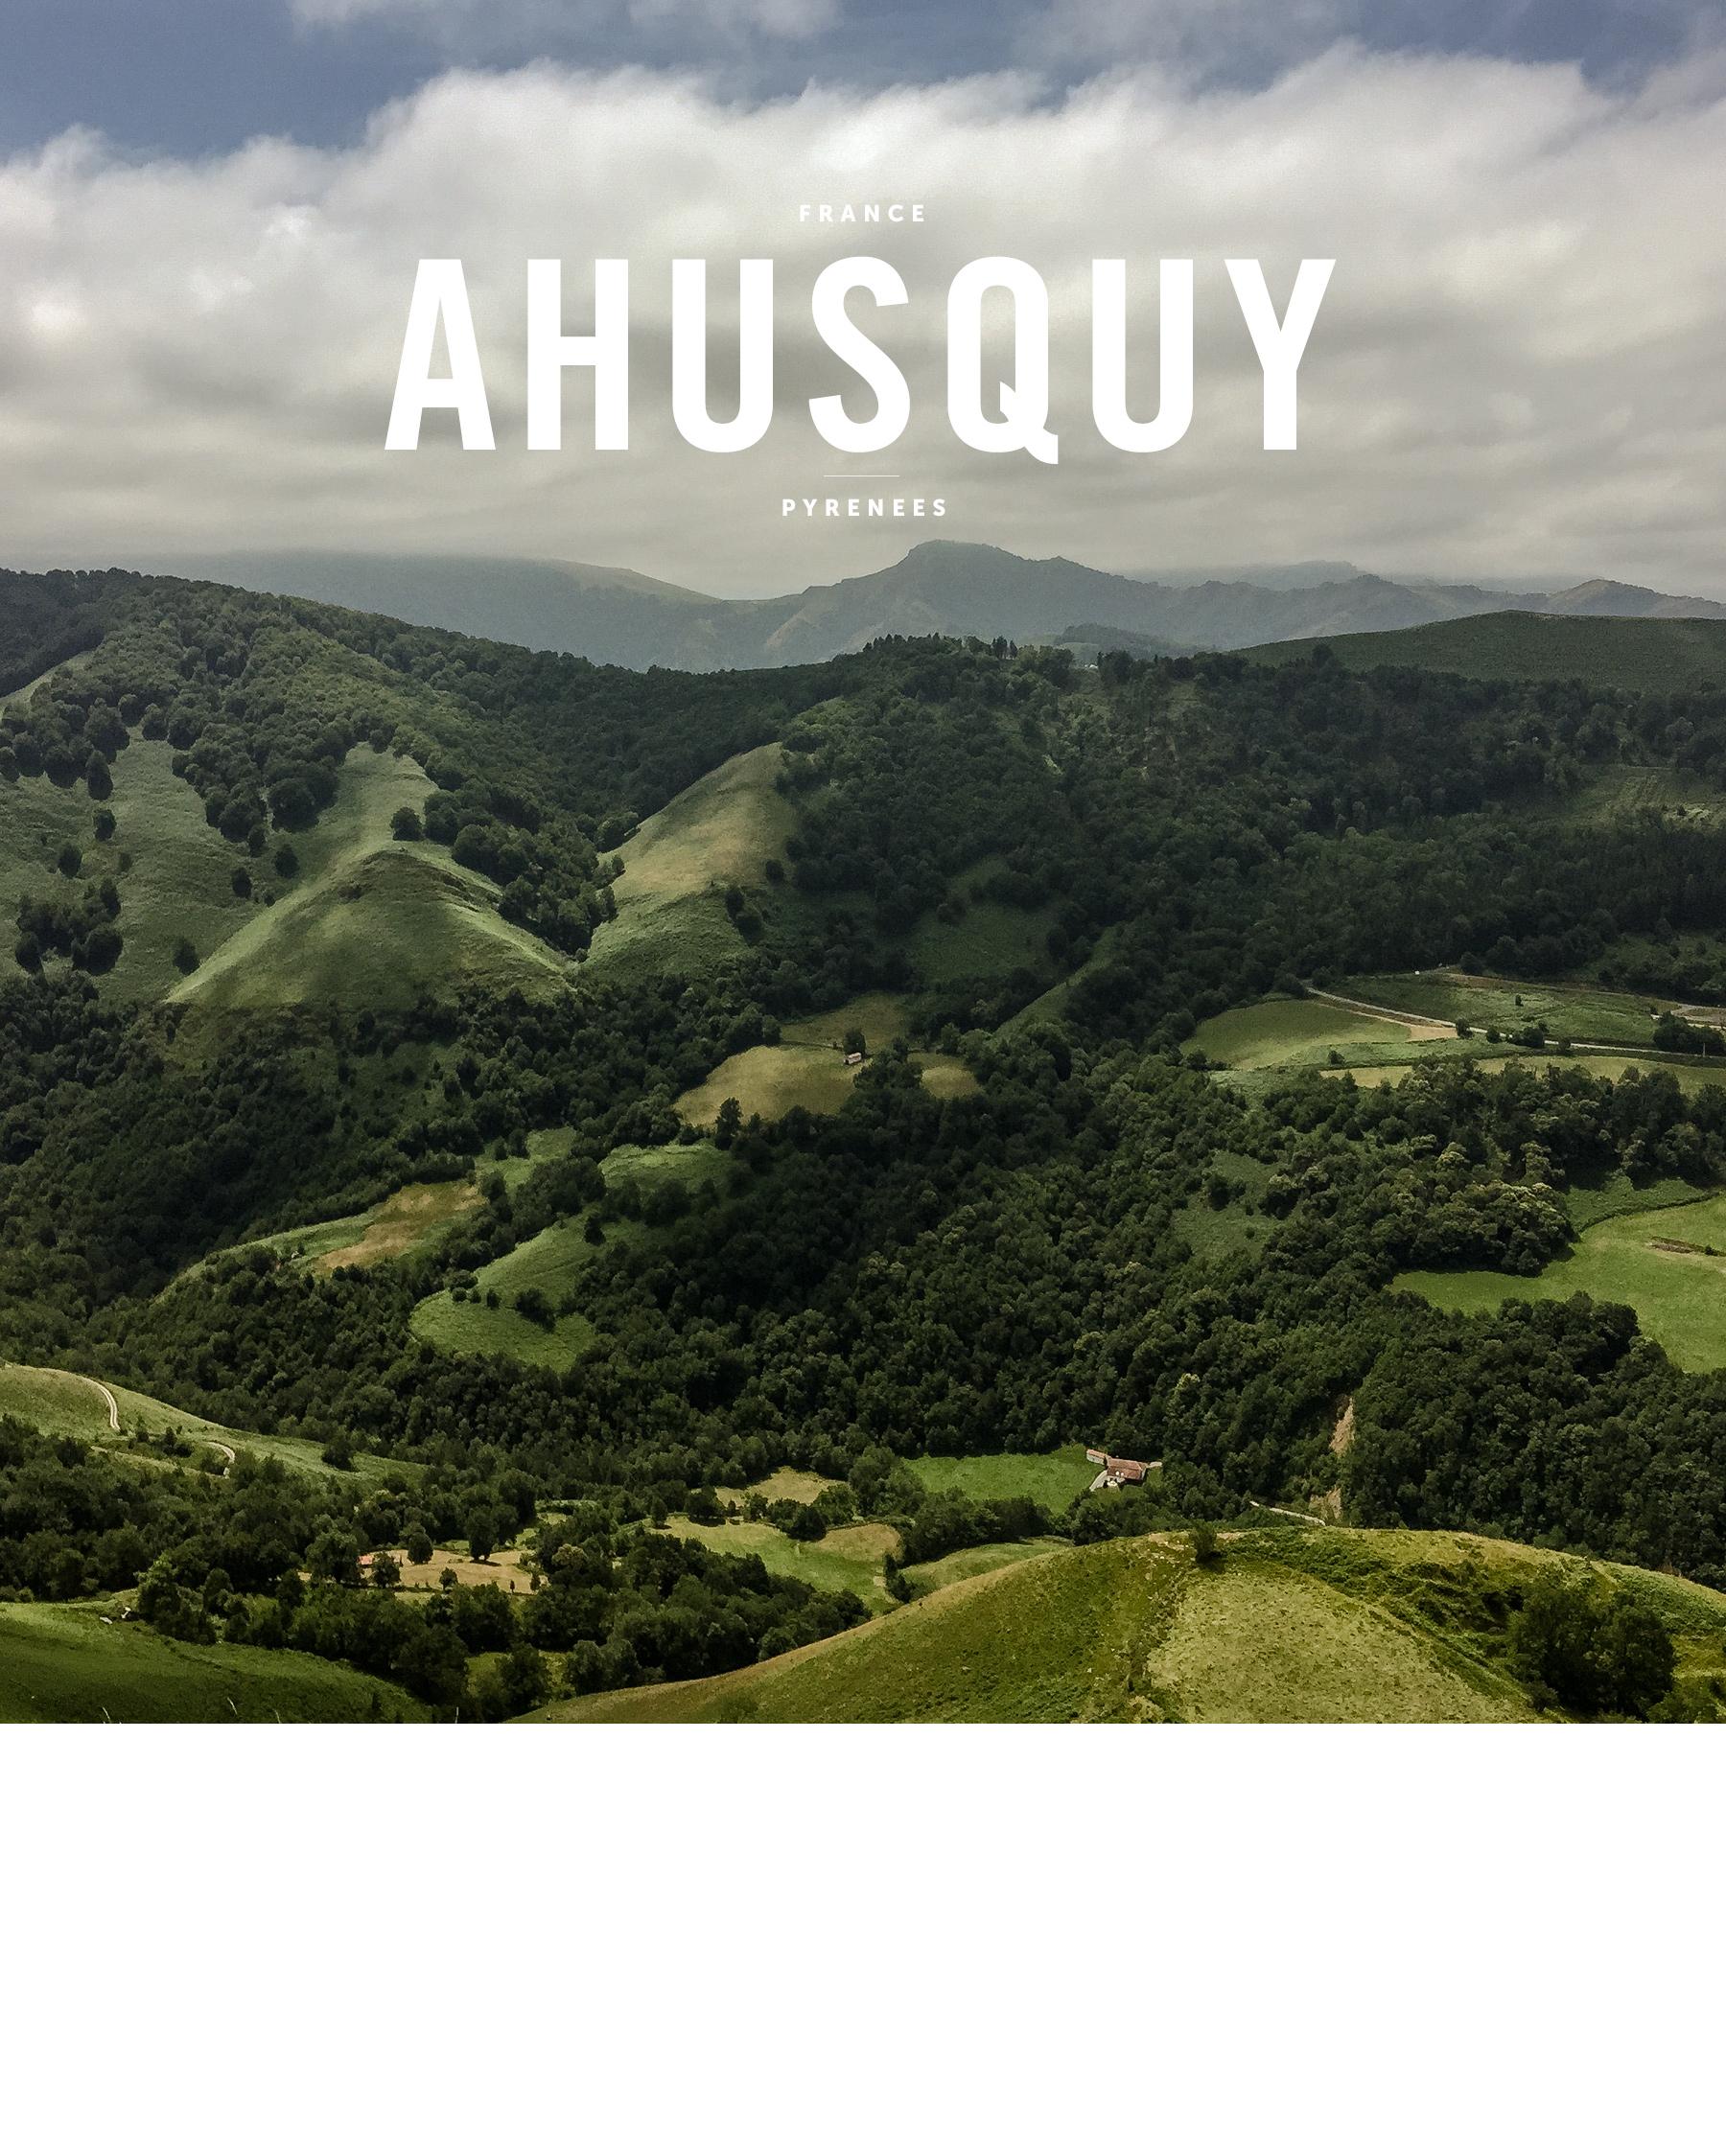 JE_Main_ahusquy